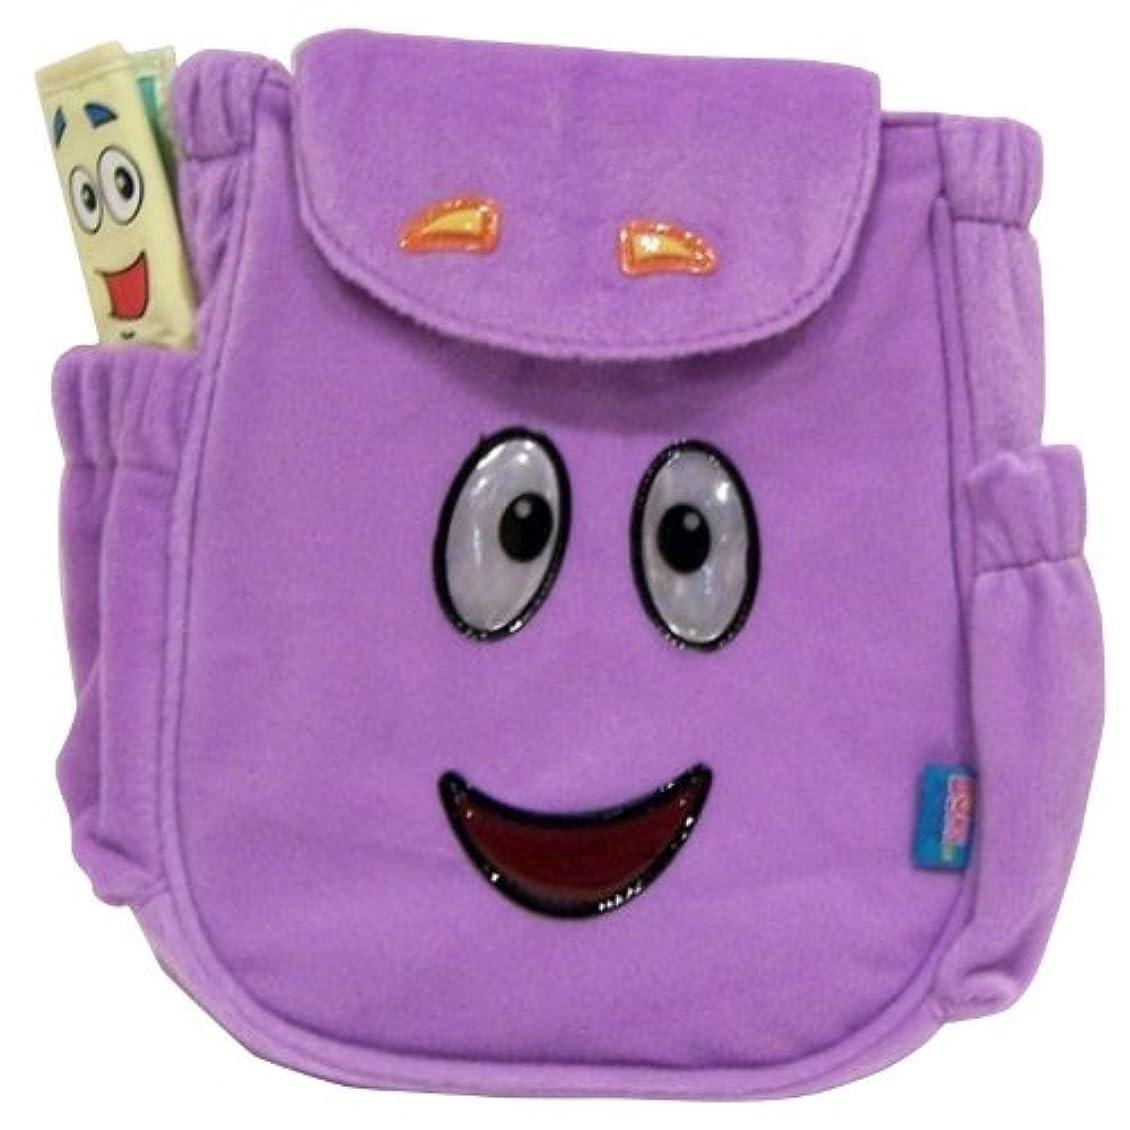 湿原自発トランスペアレントPlush Backpack - Dora the Explorer - Mr.Face Rescue Bag New Soft Toys 235795